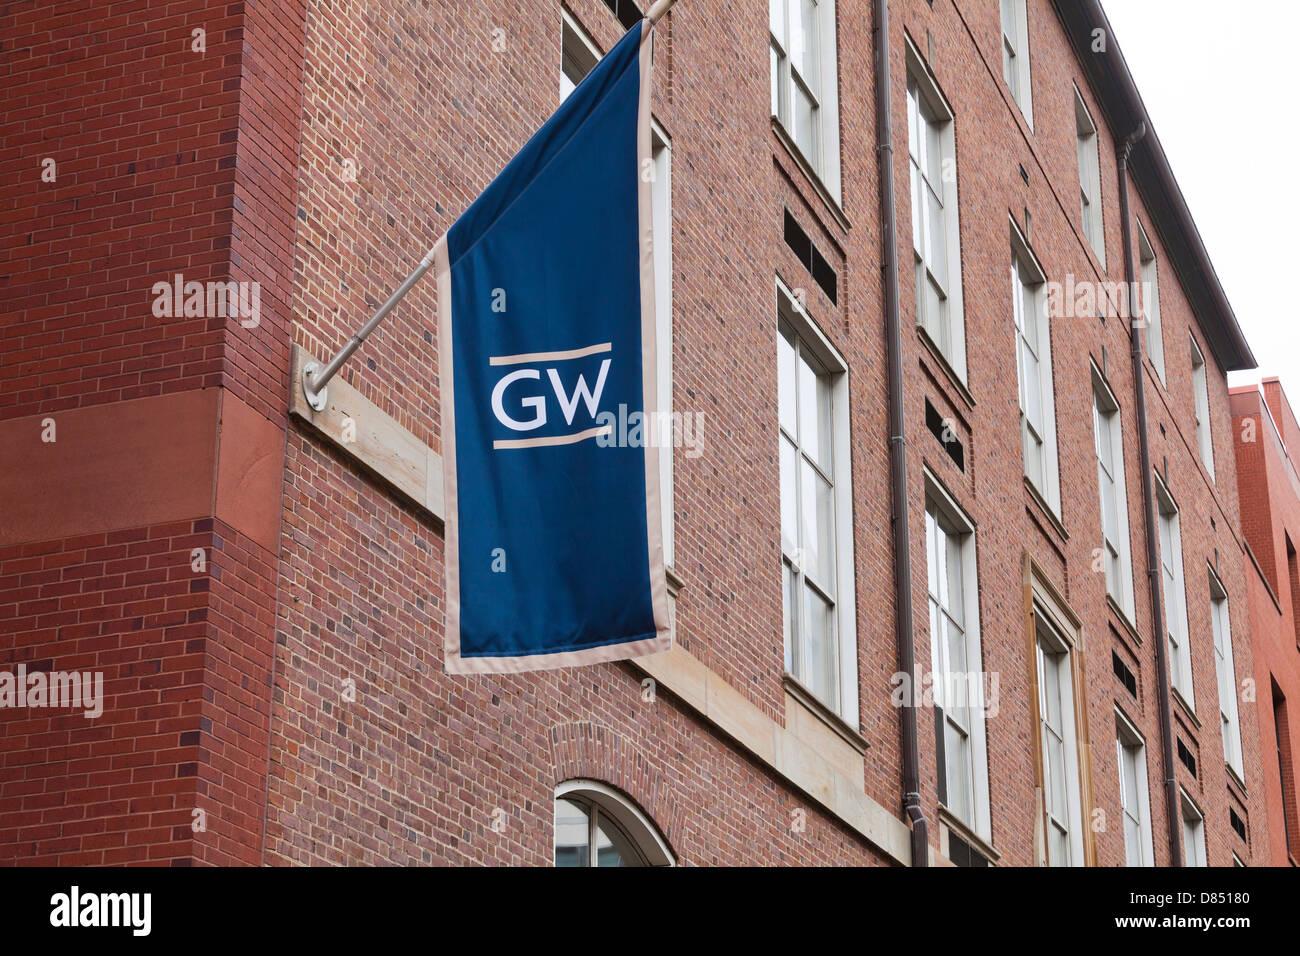 George Washington University banner - Stock Image